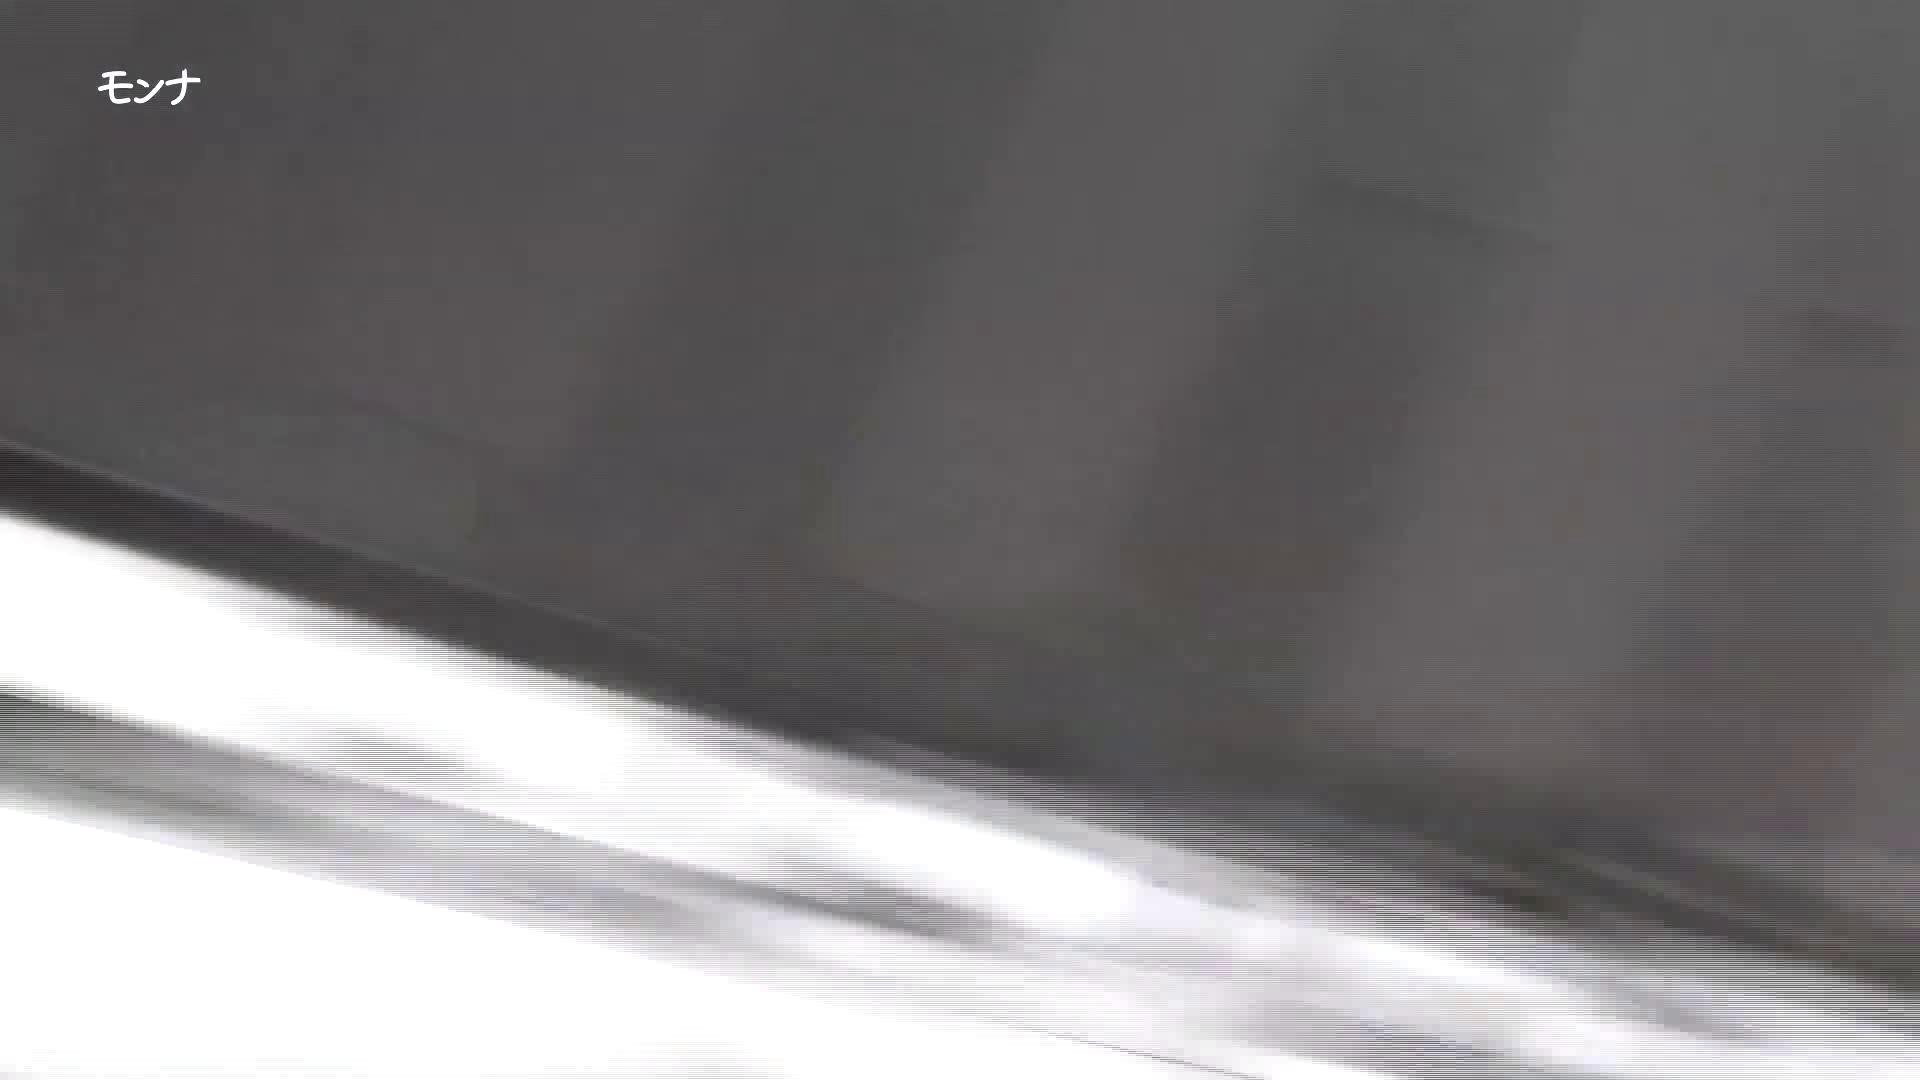 ヤリマンのオマンコ:【03位 2016】美しい日本の未来 No.44 感動作2:怪盗ジョーカー